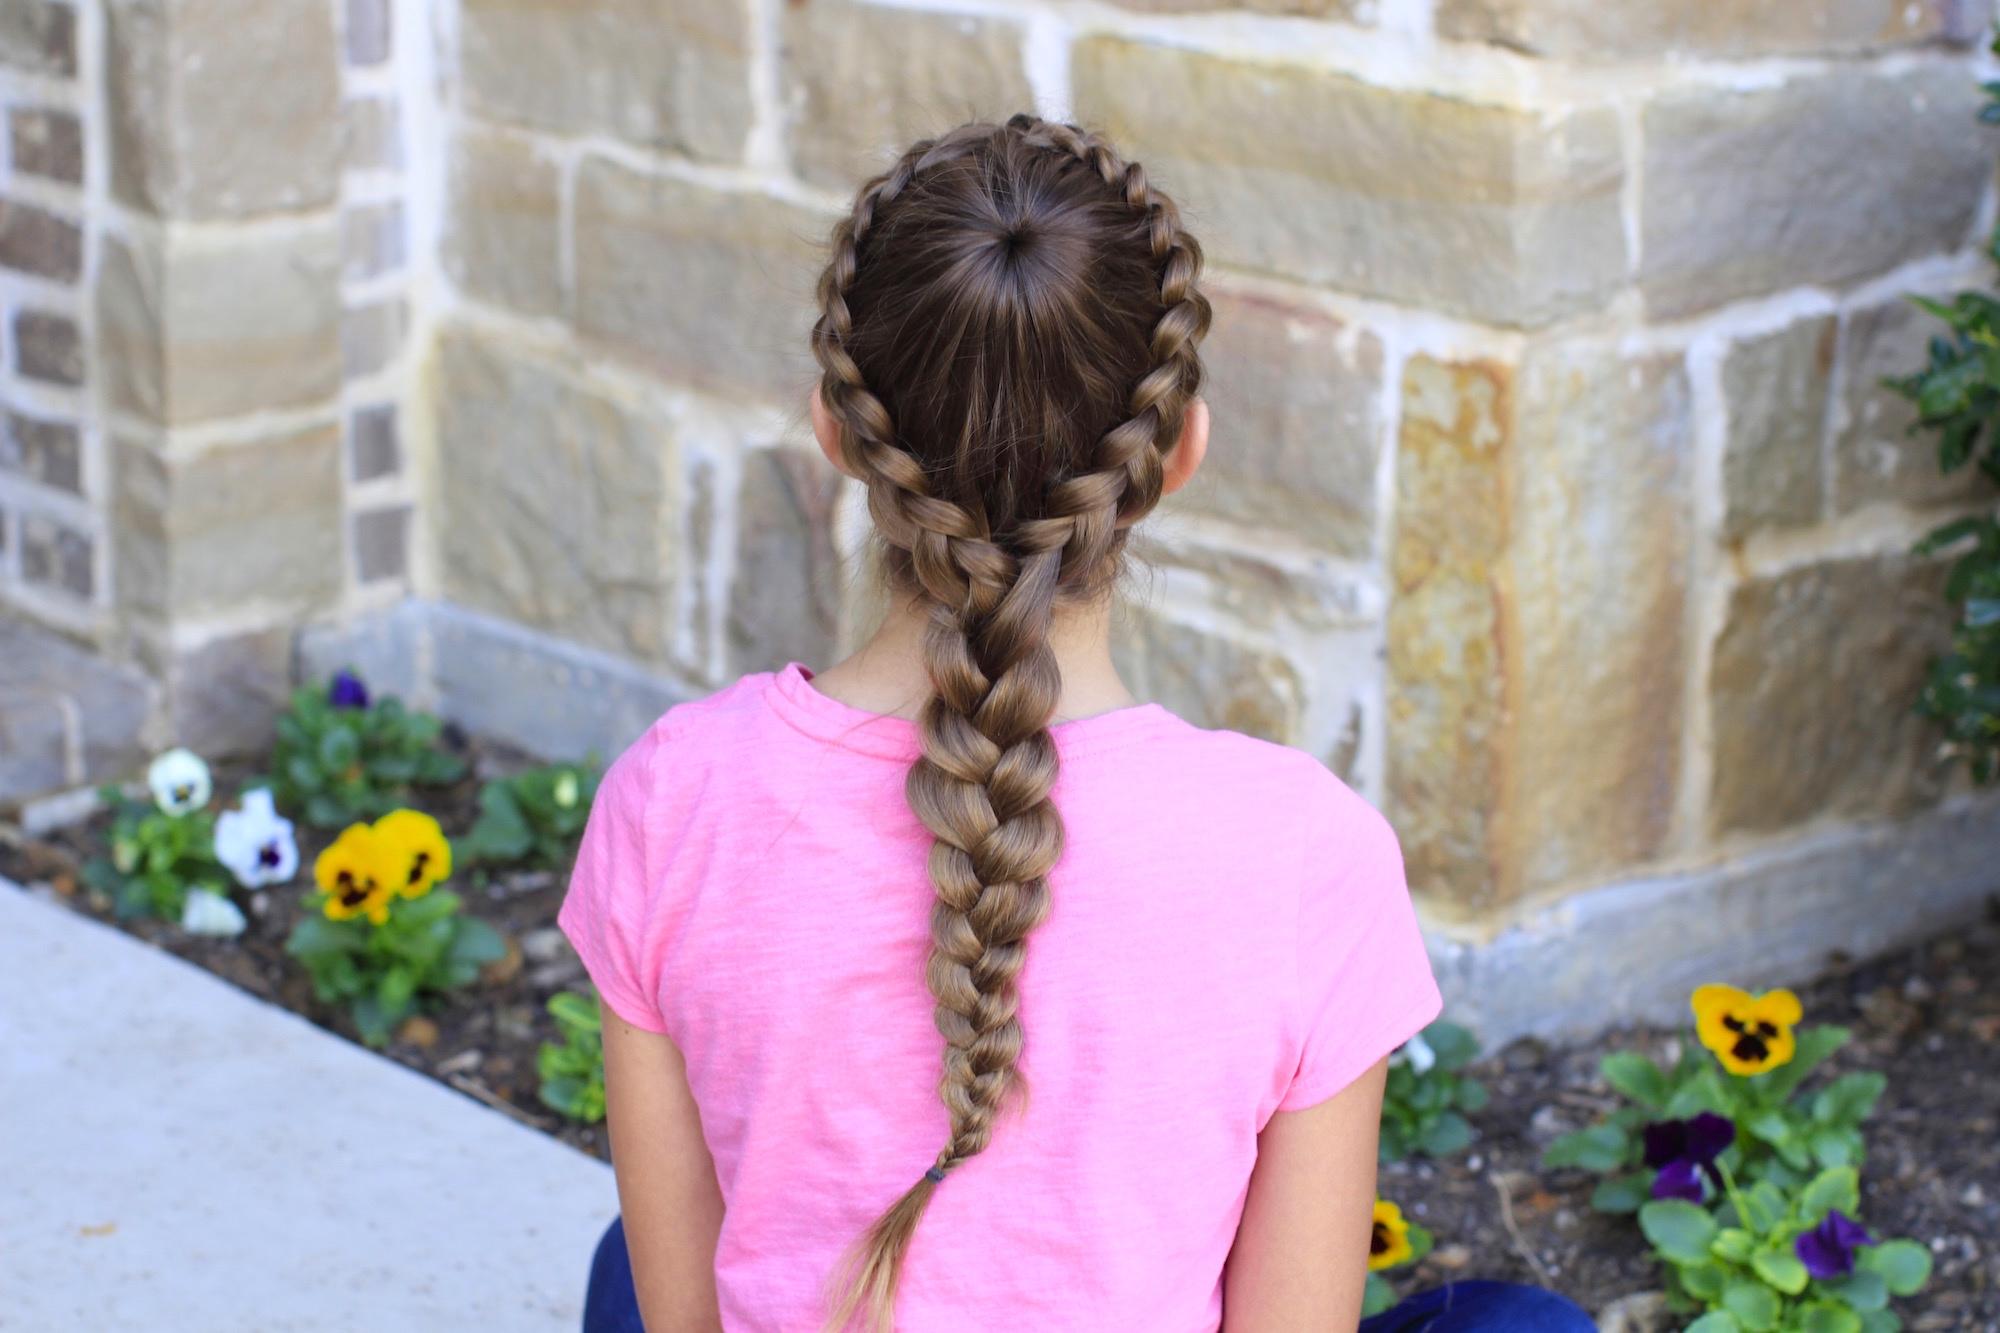 dutch braid hairstyles starburst braids create cutegirlshairstyles read